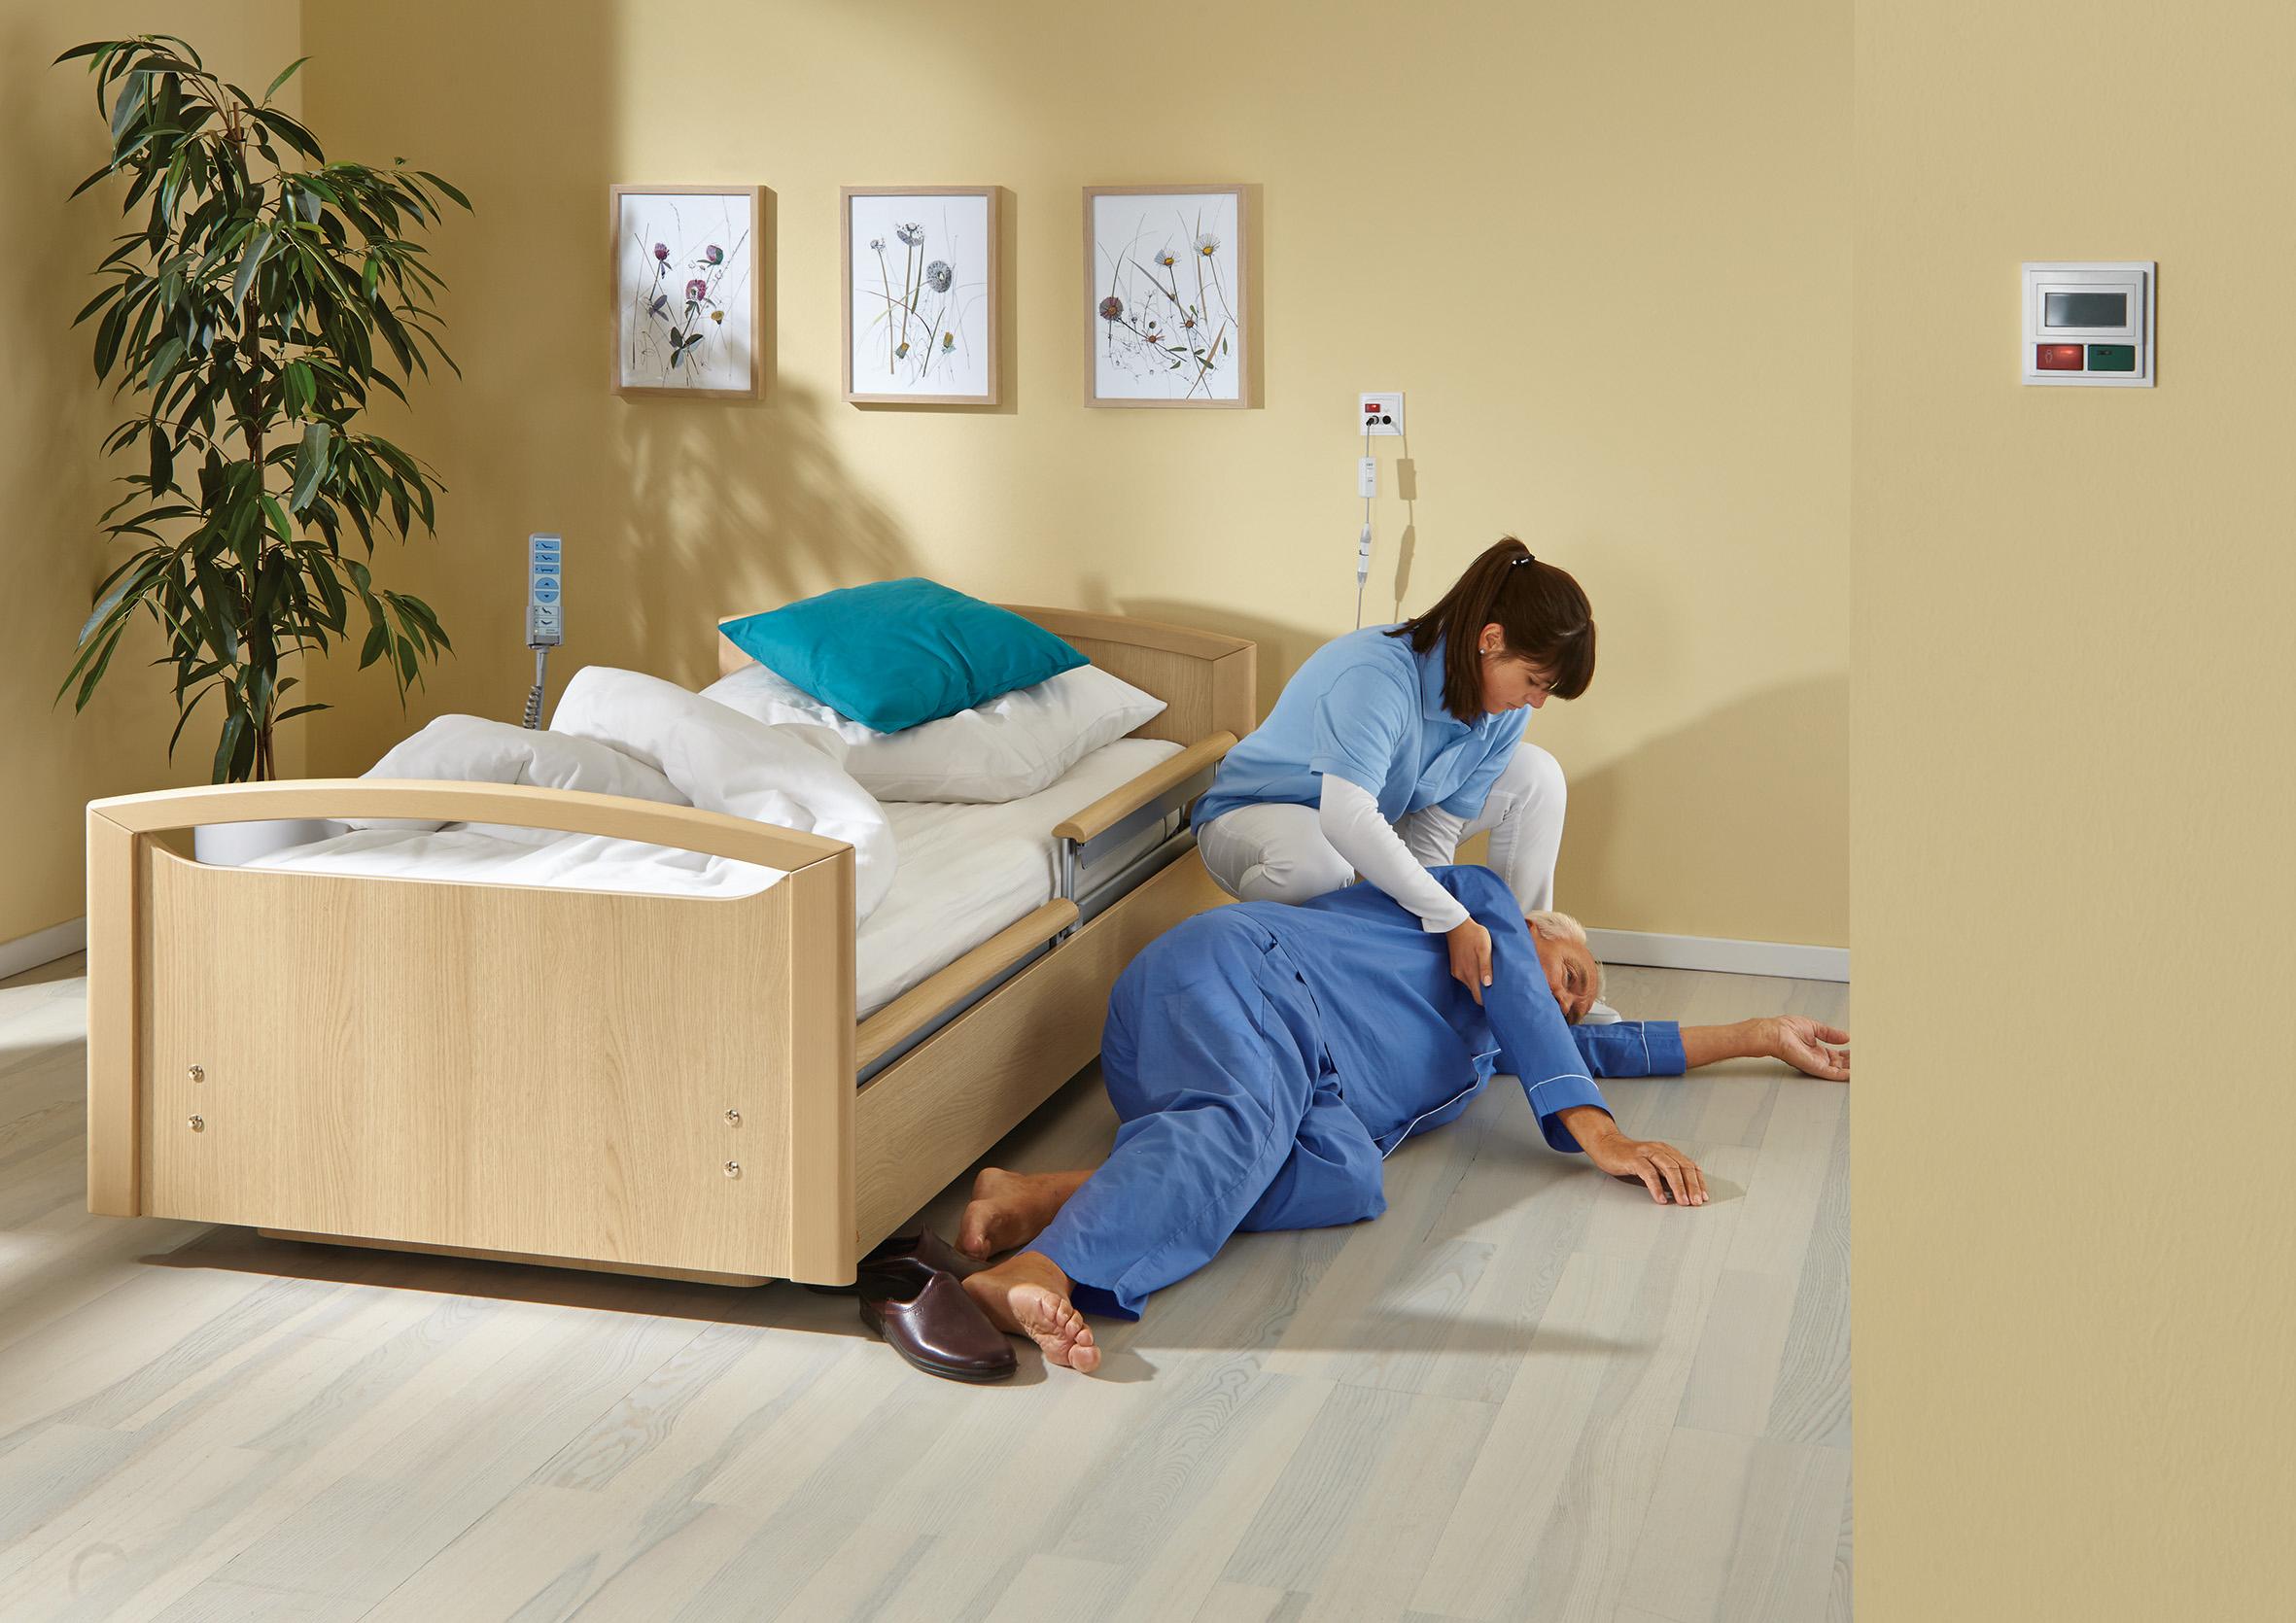 Betten anno dazumal & Sturzprävention heute